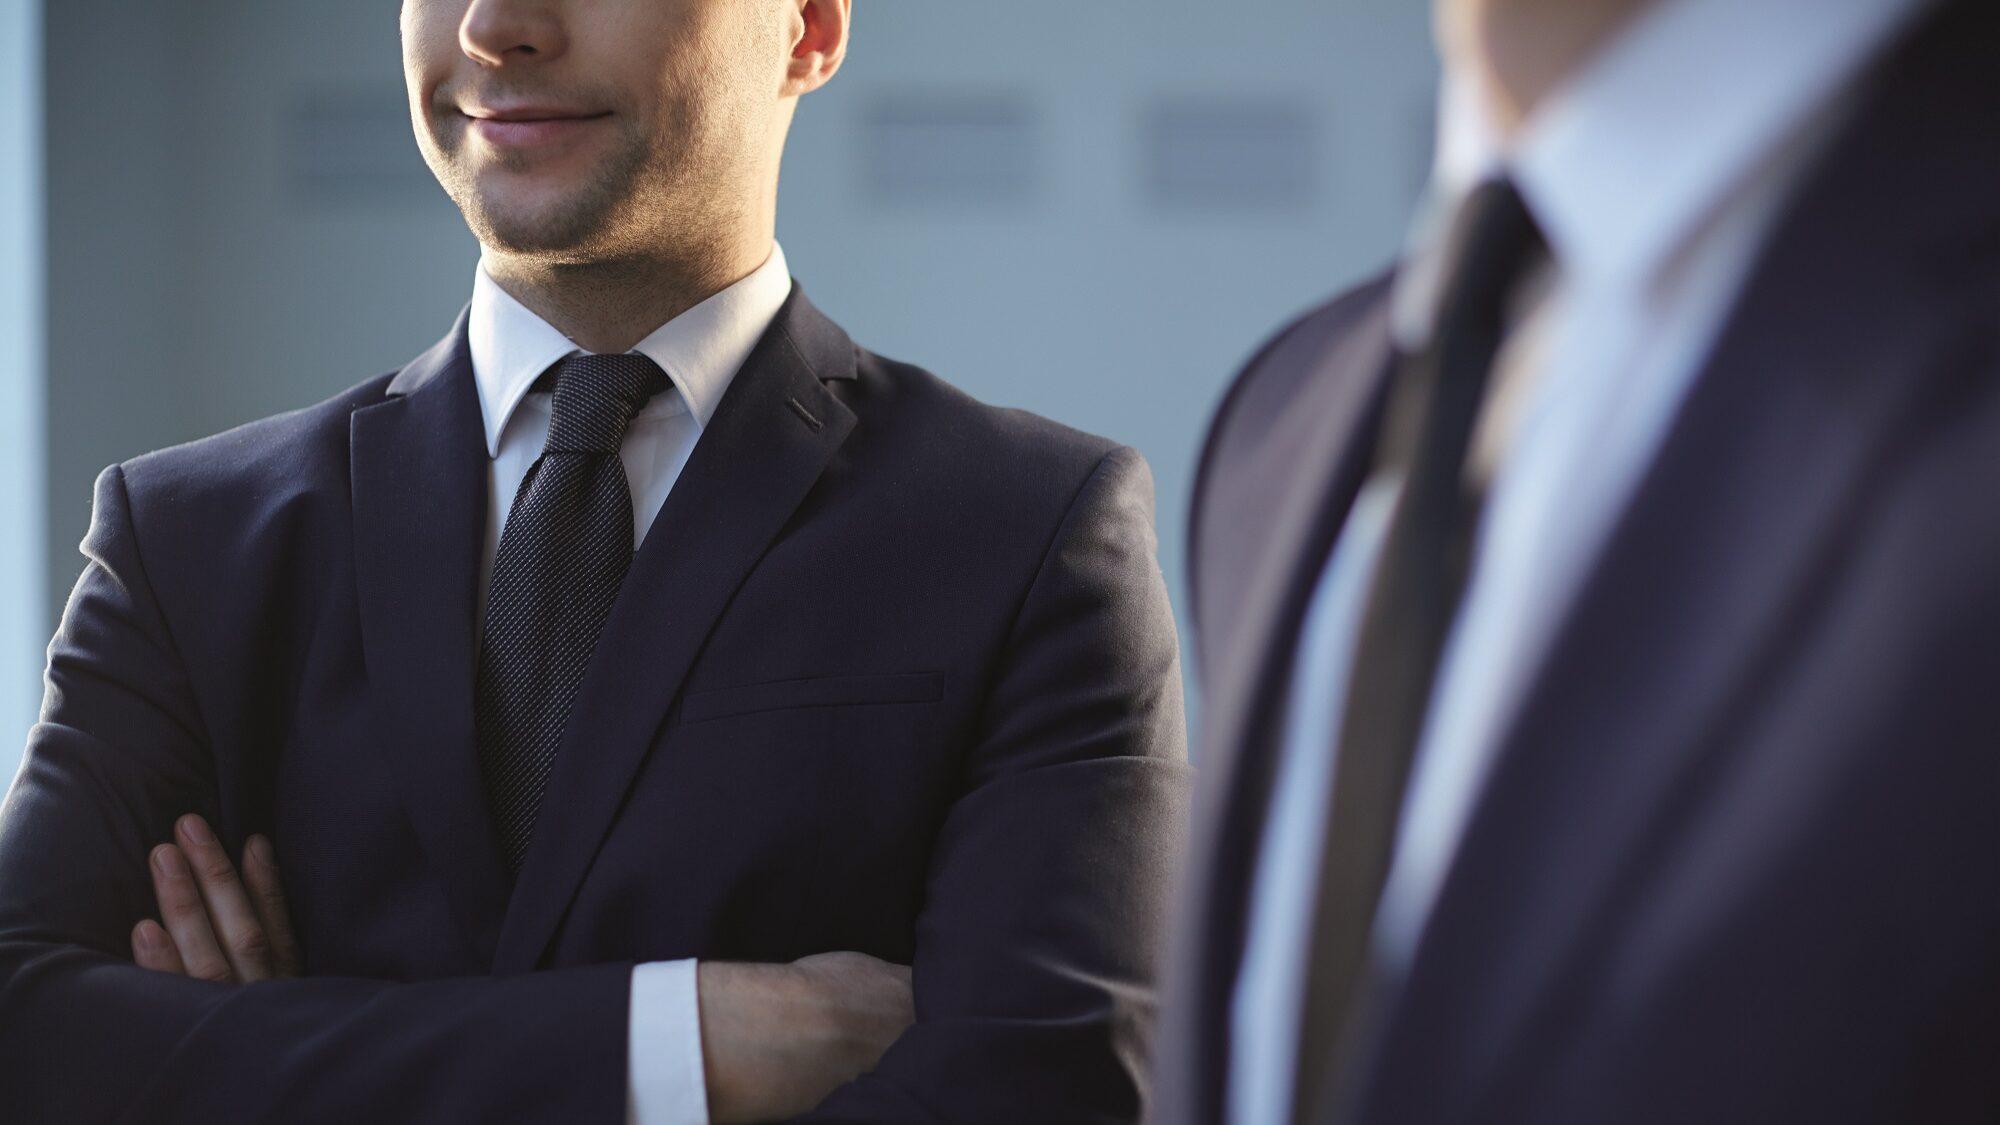 Pós-pandemia e o uniforme profissional: o fim dos fatos e das gravatas?